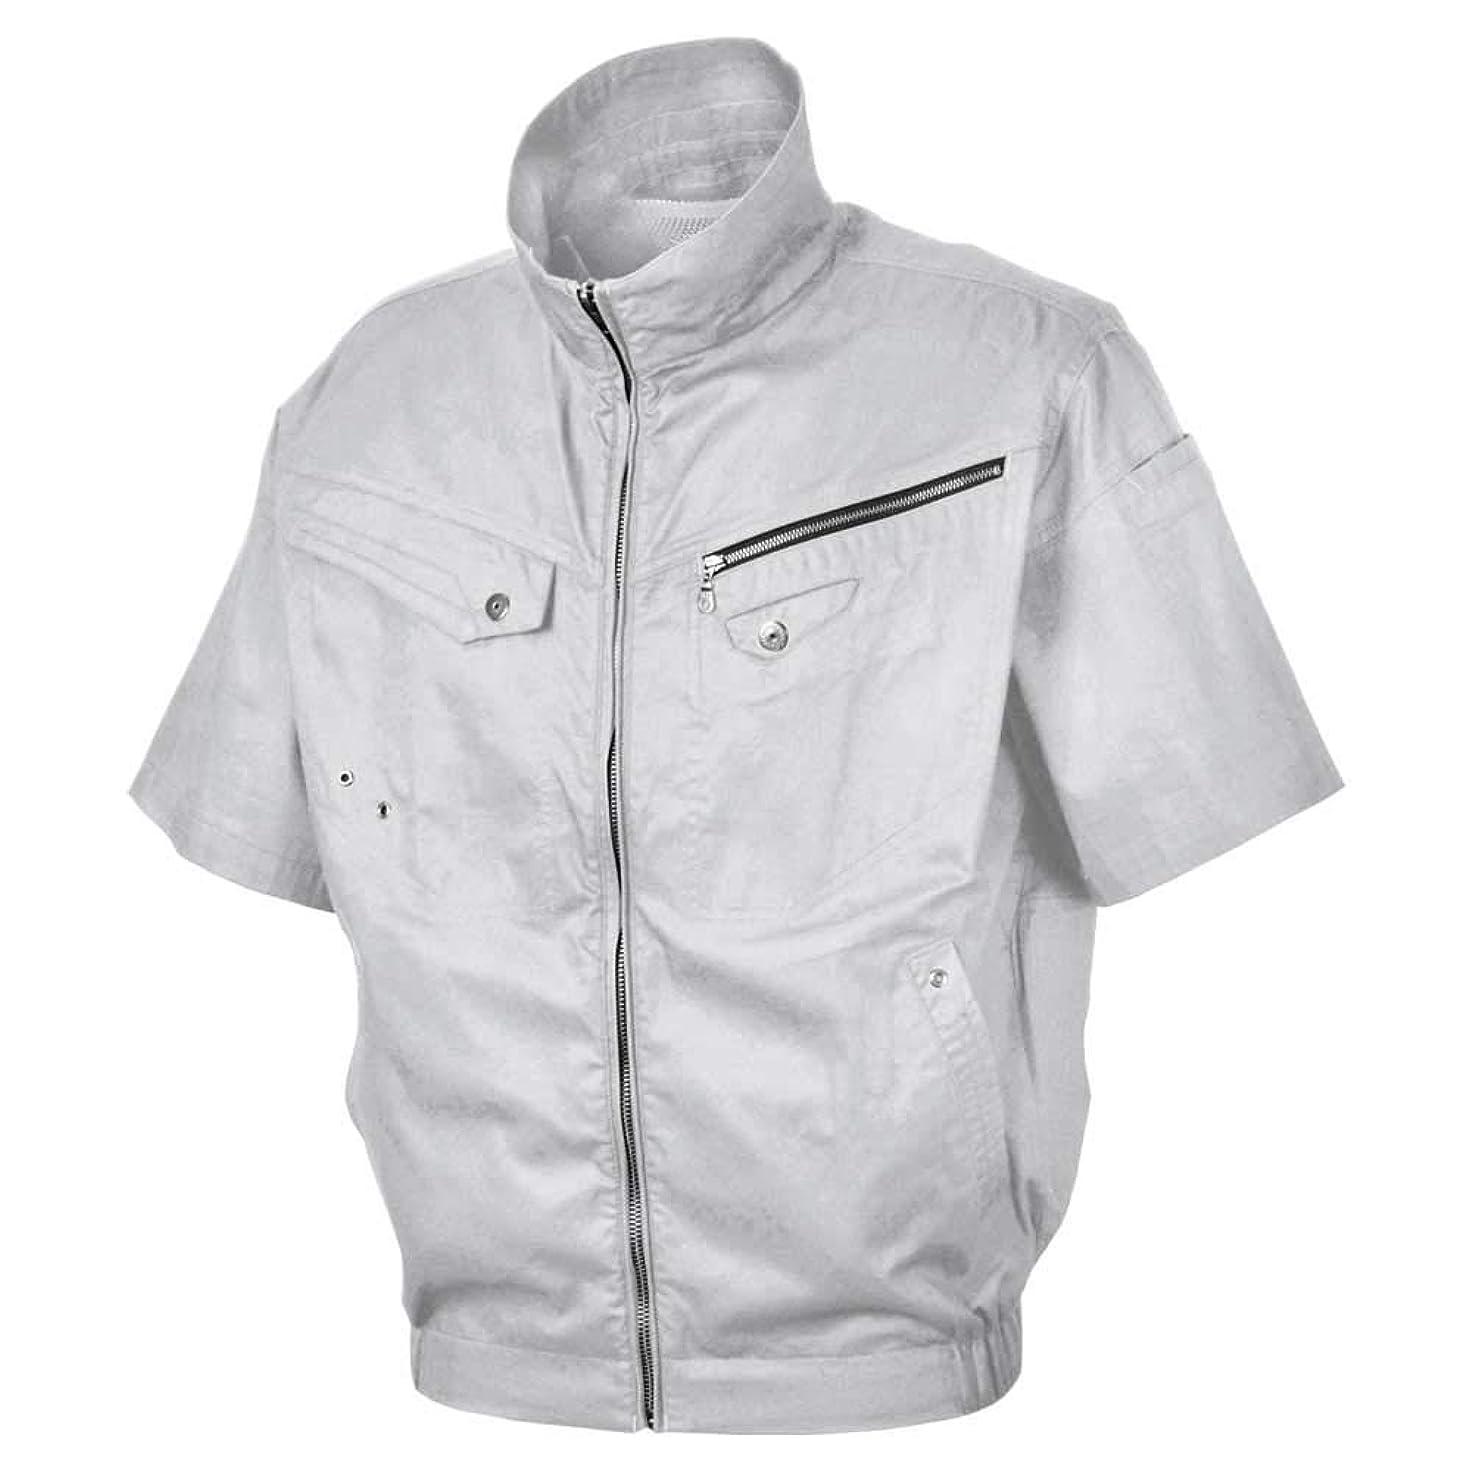 クロニクルステレオキモい空調服 S-AIR ソリッドコットン半袖ジャケット(ファンなし) 05931